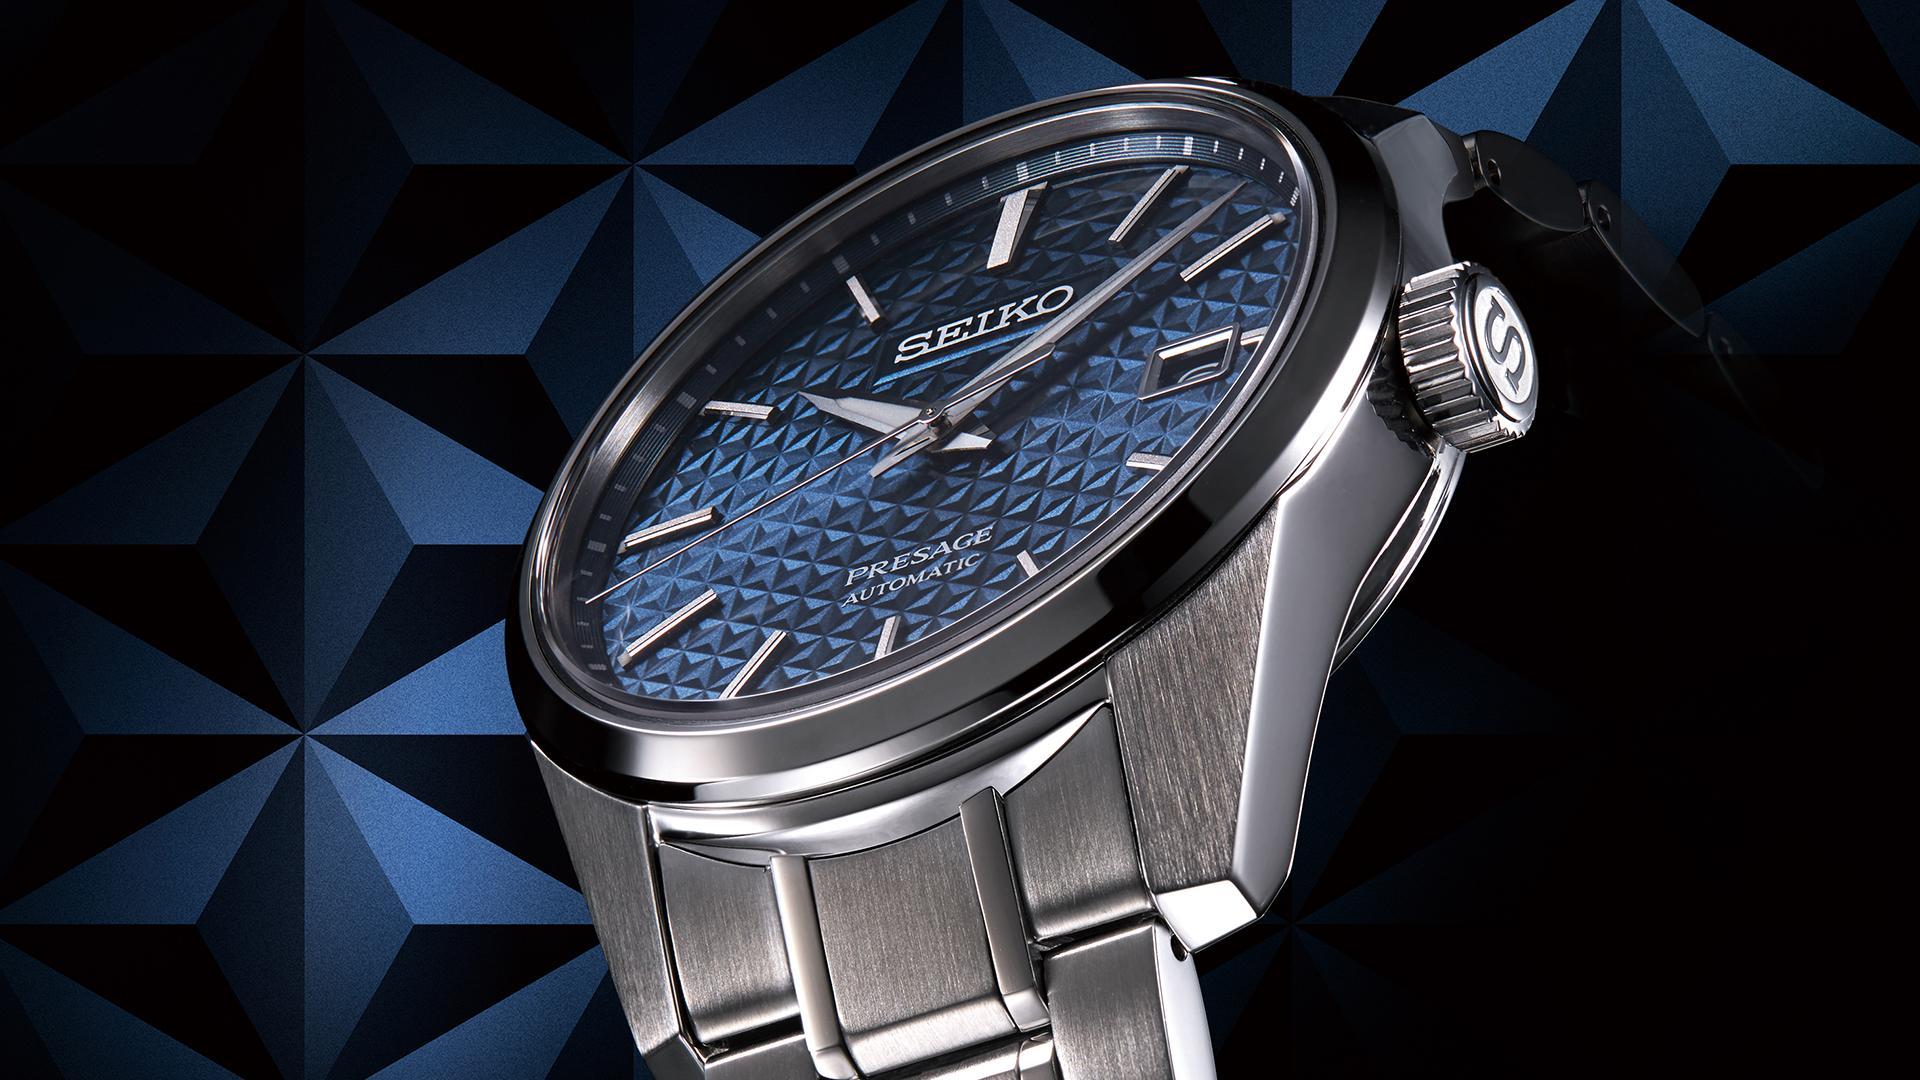 Seiko Presage Sharp Edged watch collection